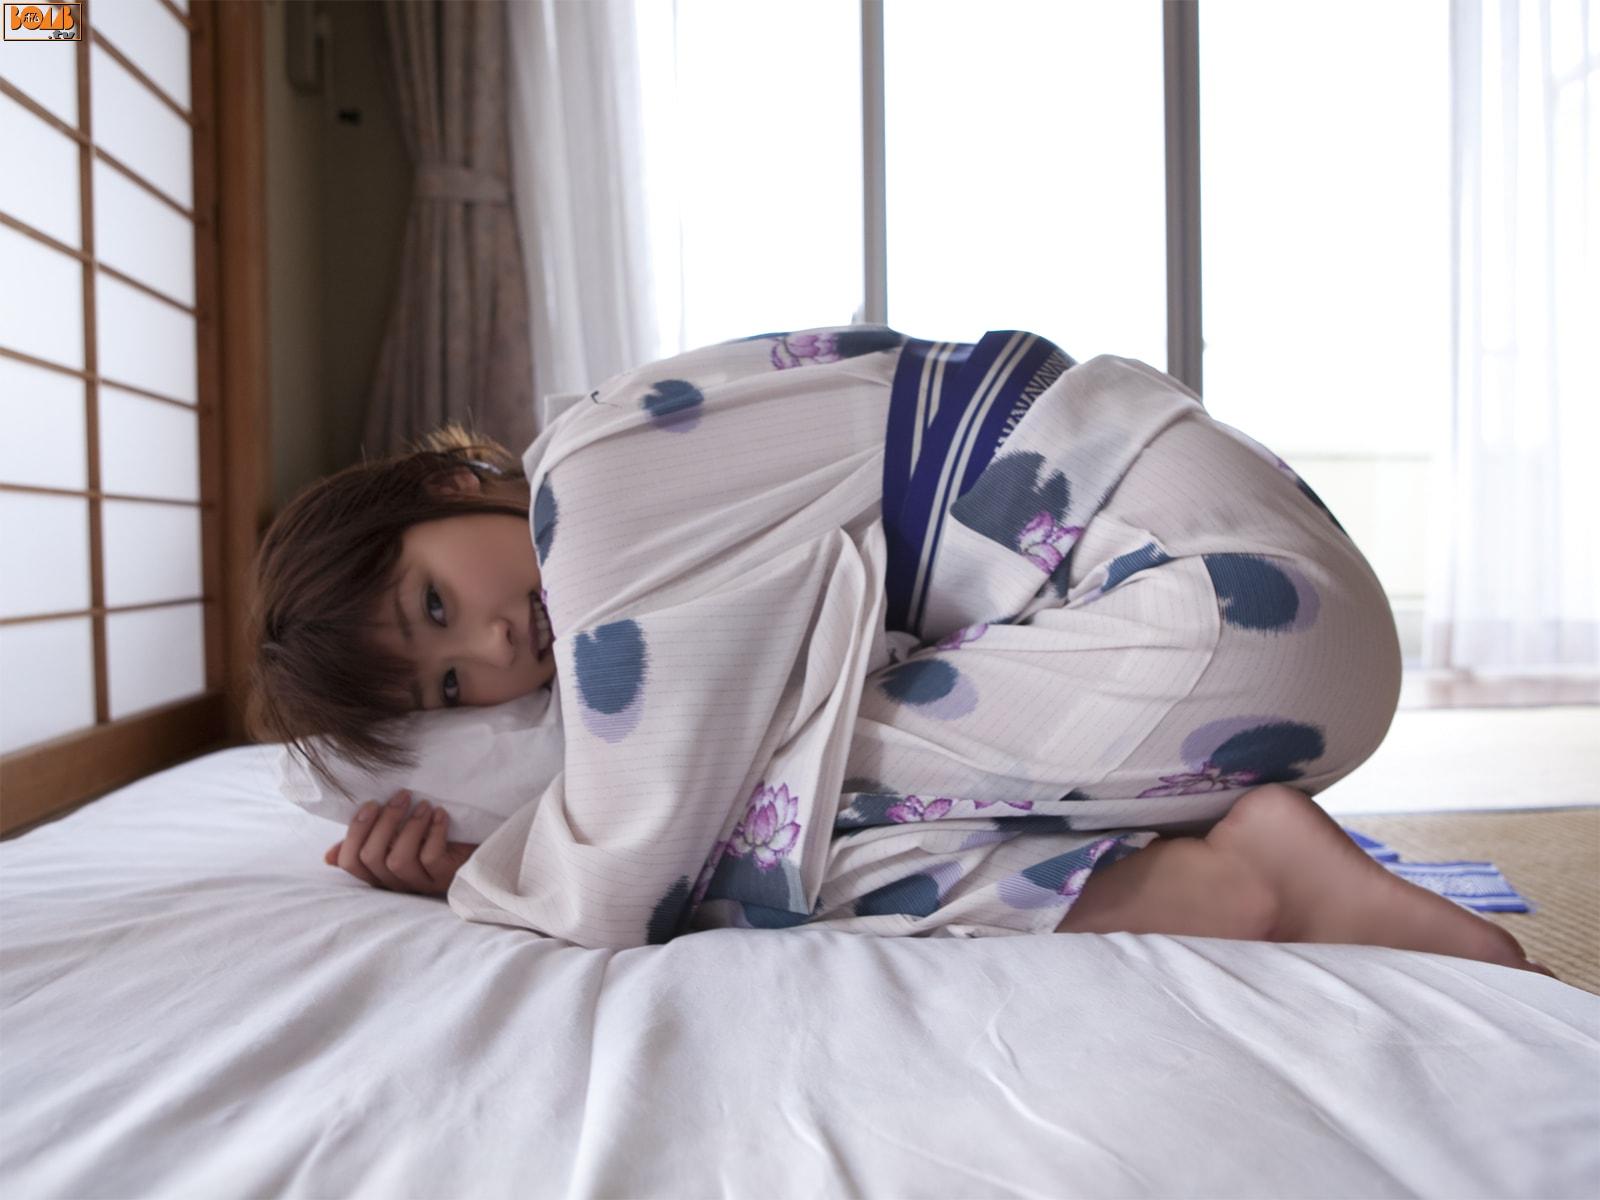 原幹恵 BOMB.tv 2009.04 Mikie Hara 75photos